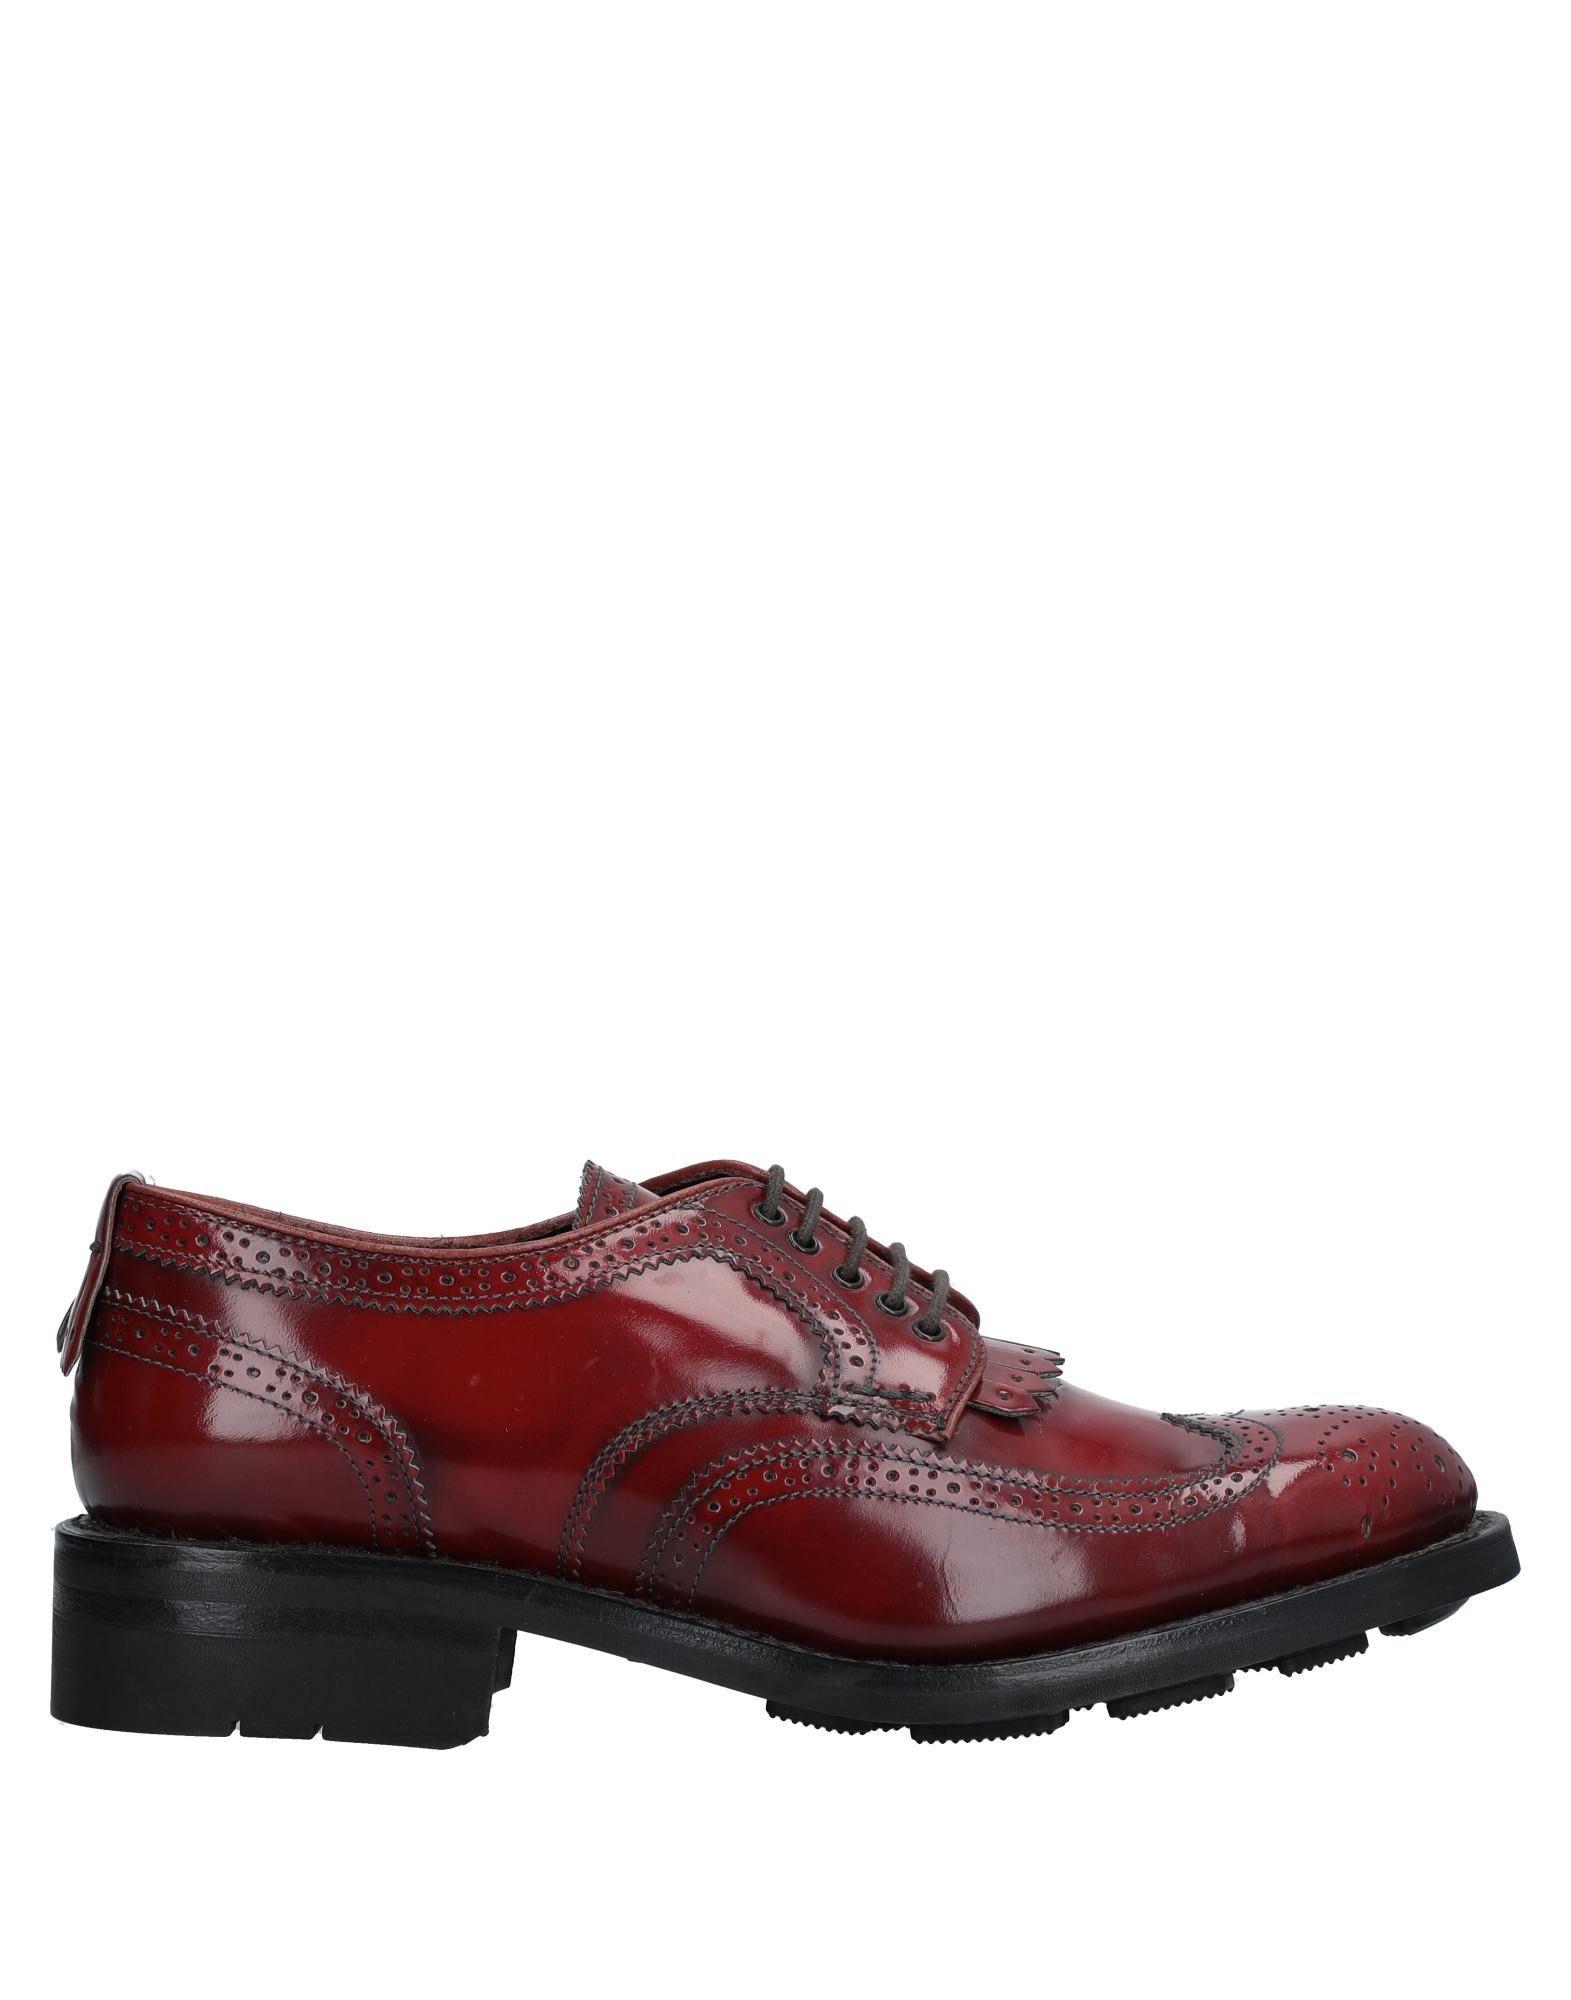 Rabatt Schuhe Heschung Comme Des Garçons Schnürschuhe Damen  11540409SS